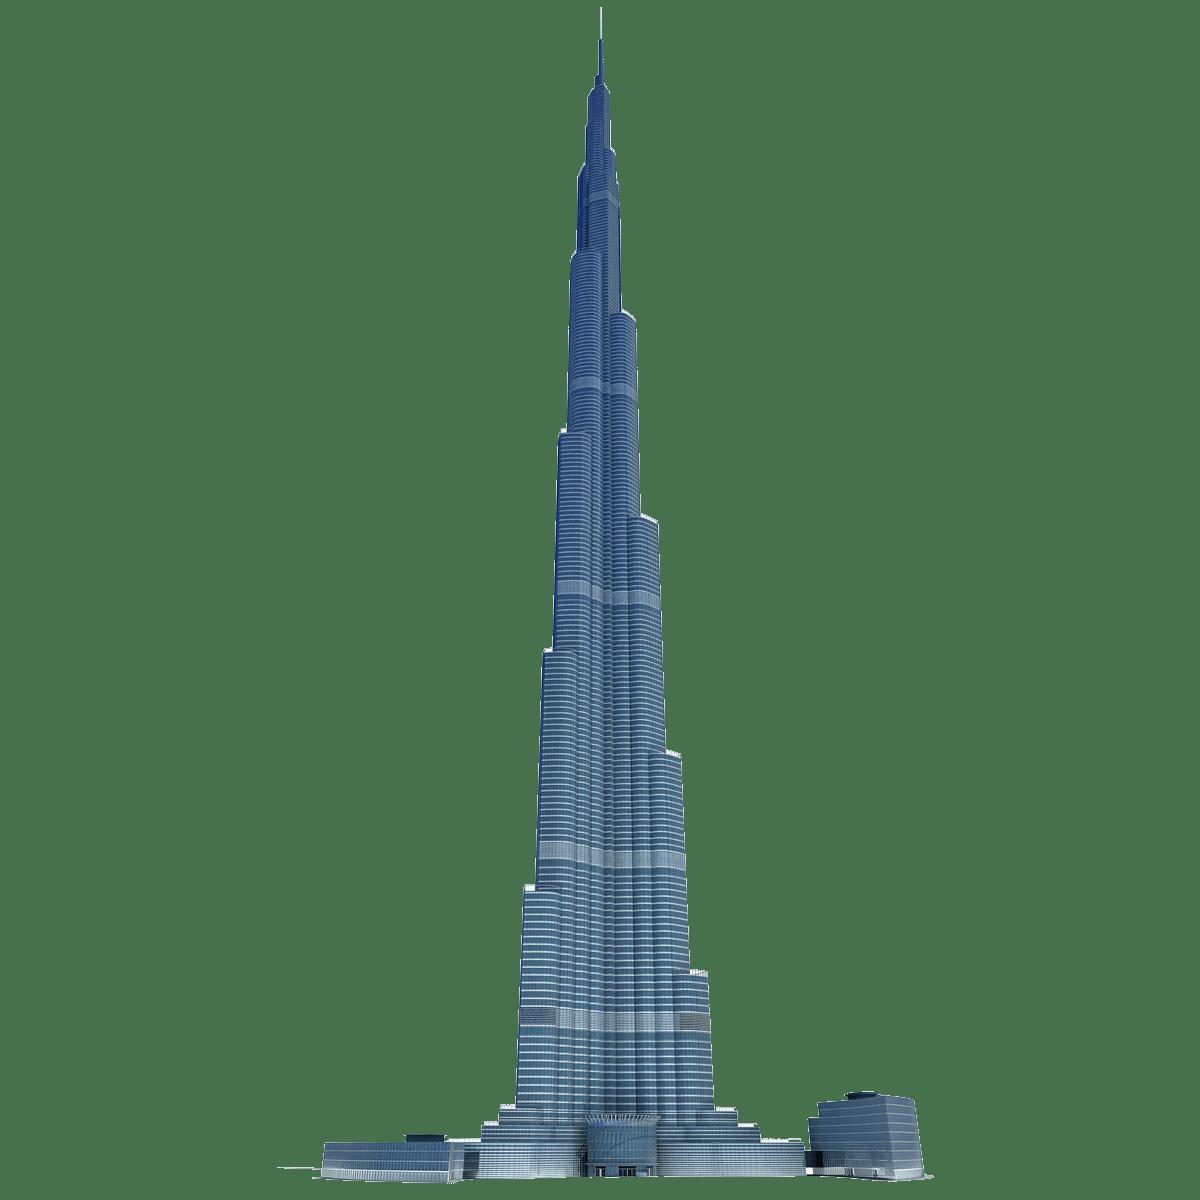 Burj khalifa transparent png. Money clipart tower